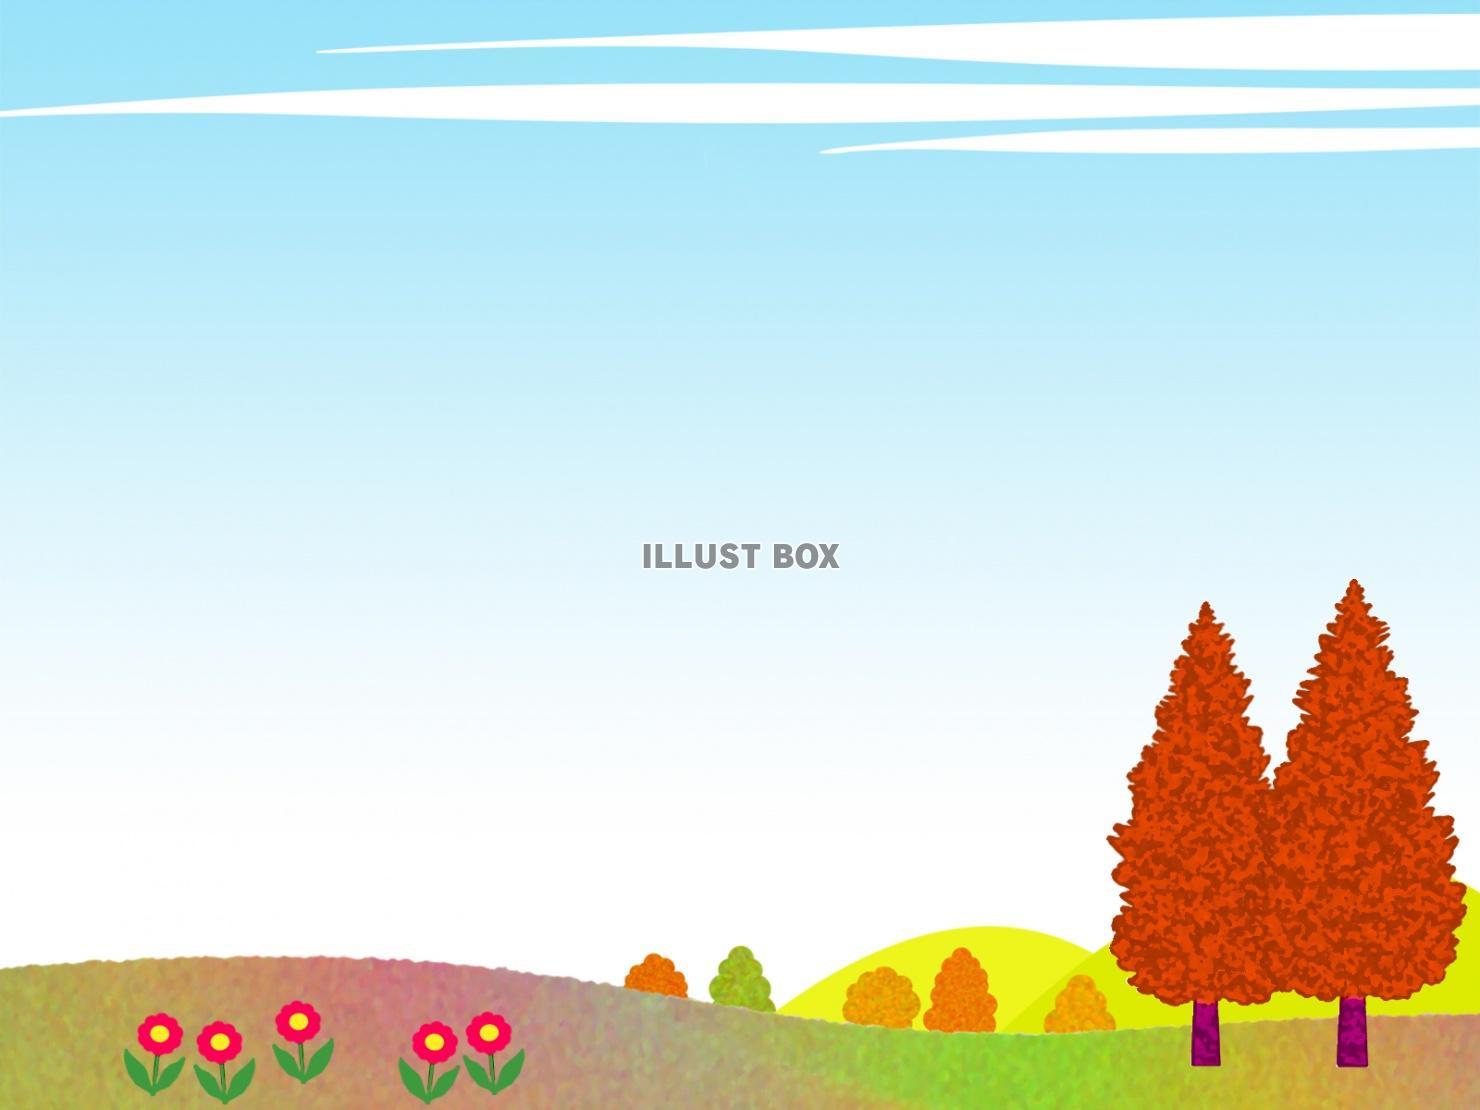 無料イラスト 秋の風景フレーム